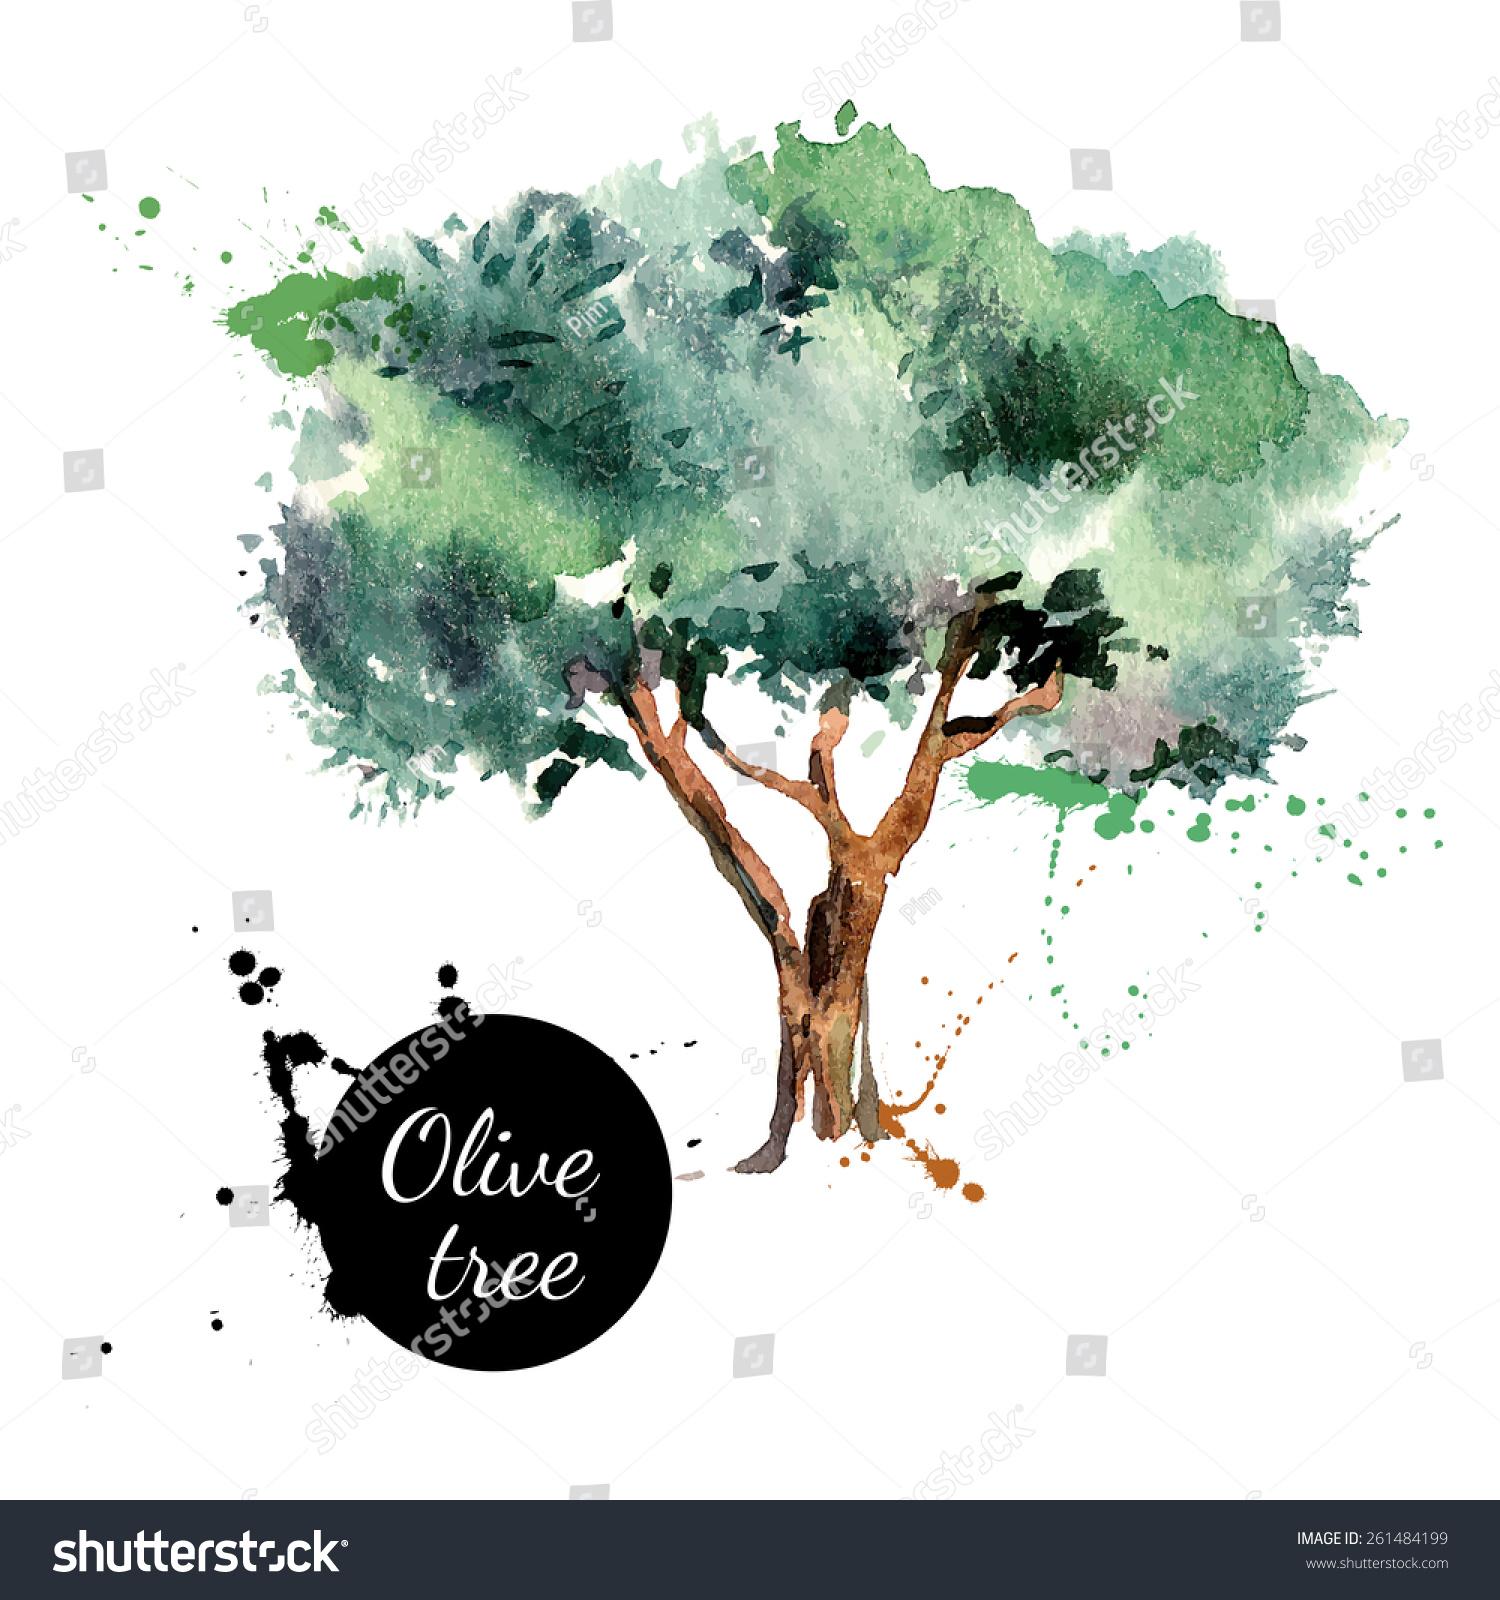 橄榄树矢量插图.手绘水彩画在白色背景上图片